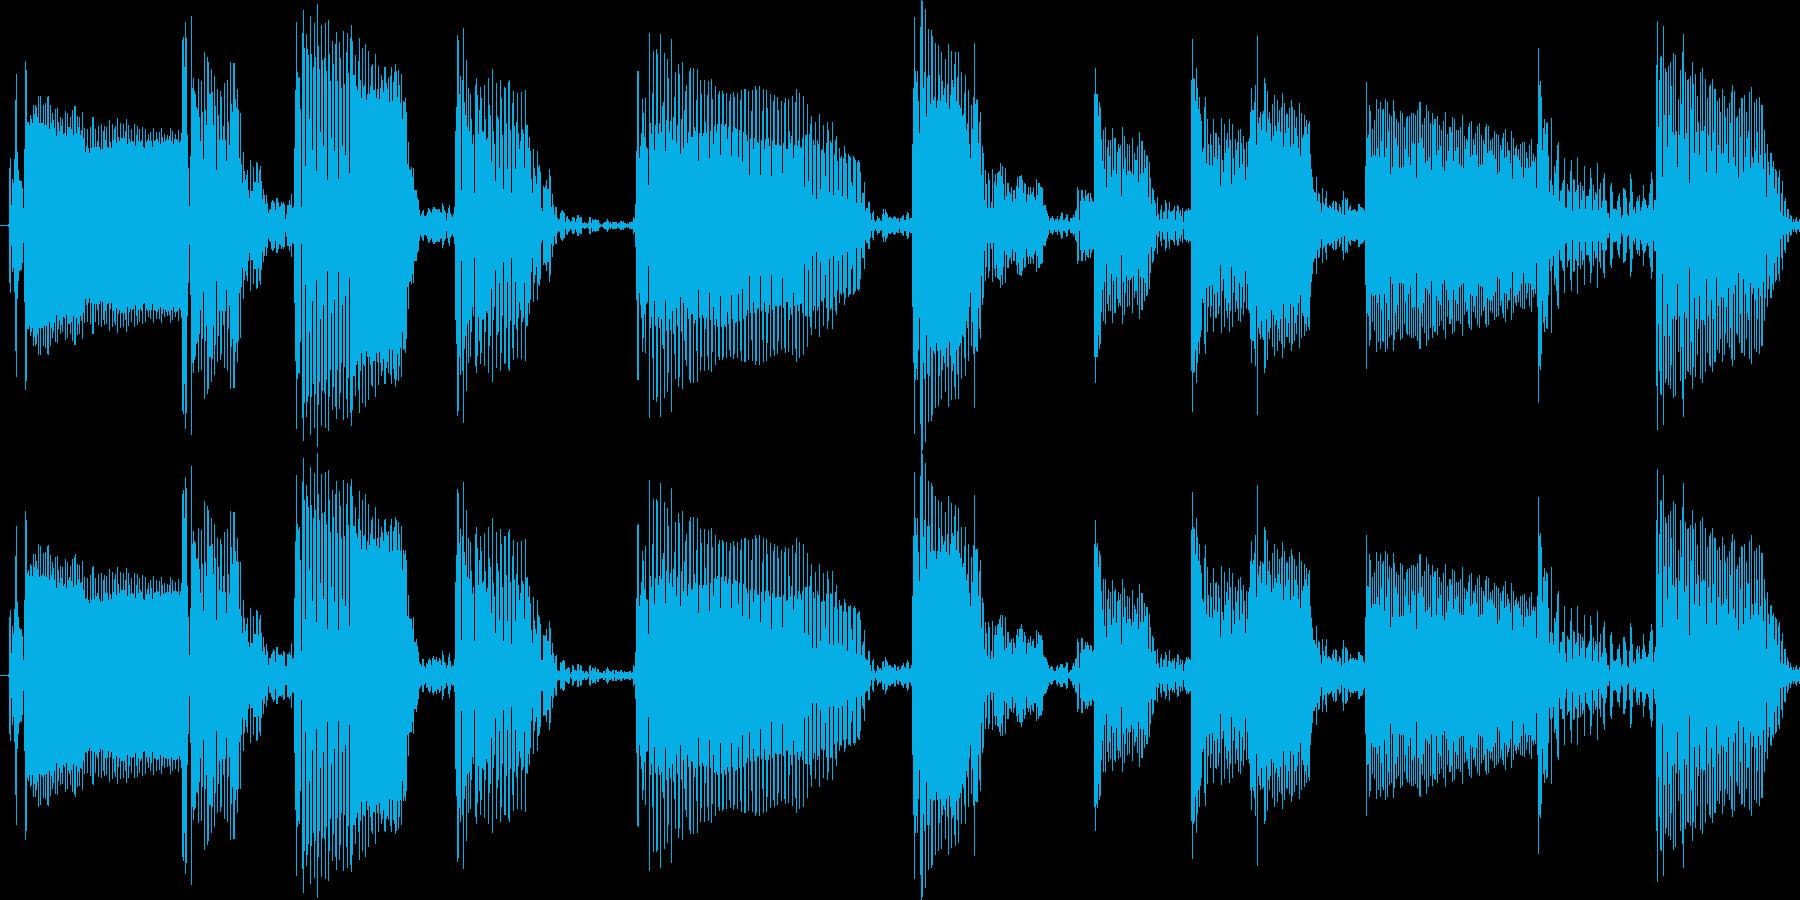 ファンキーなスラップベースソロ素材の再生済みの波形